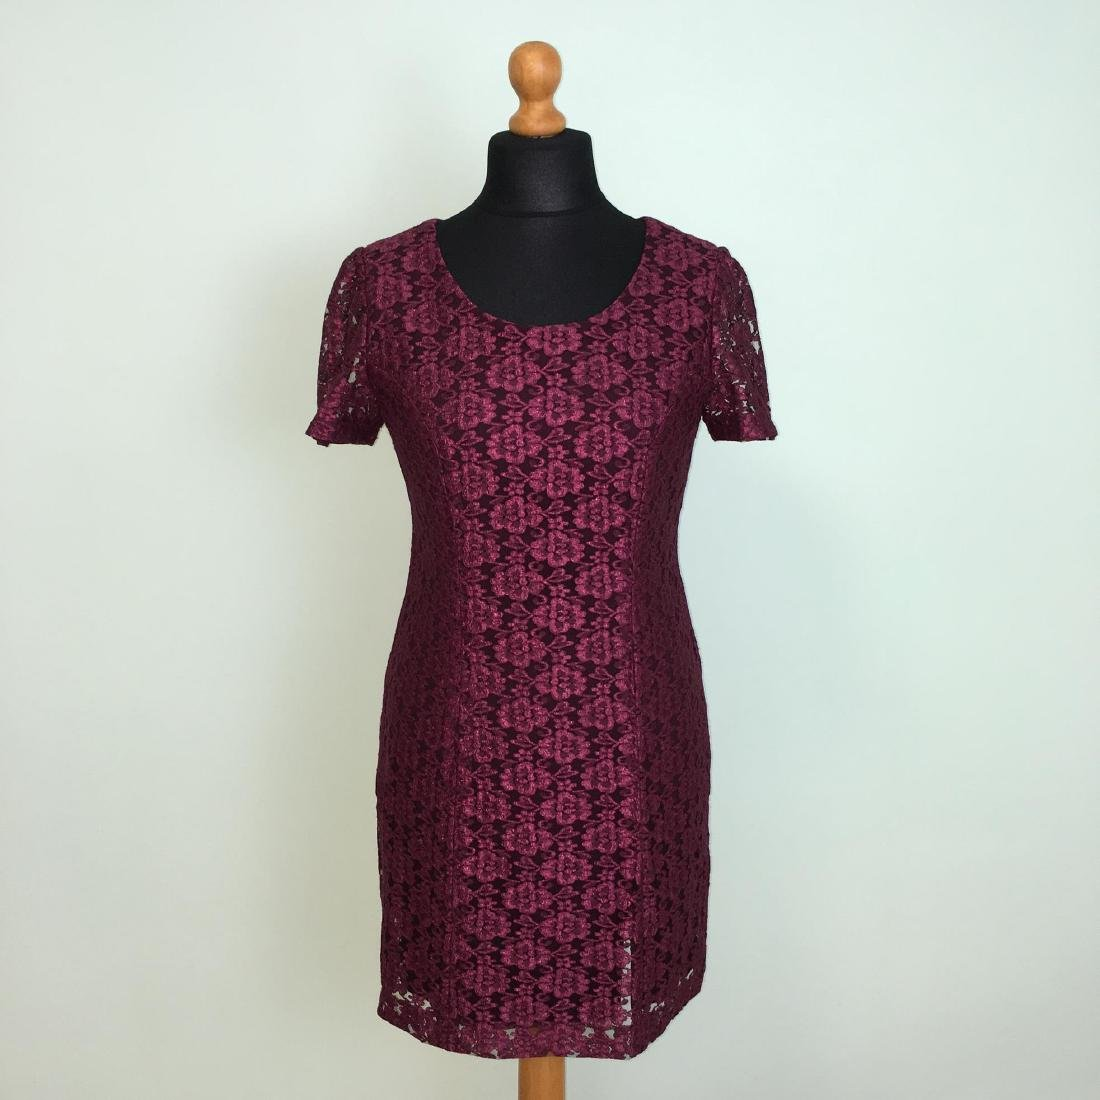 Vintage Women's Evening Coctail Dress